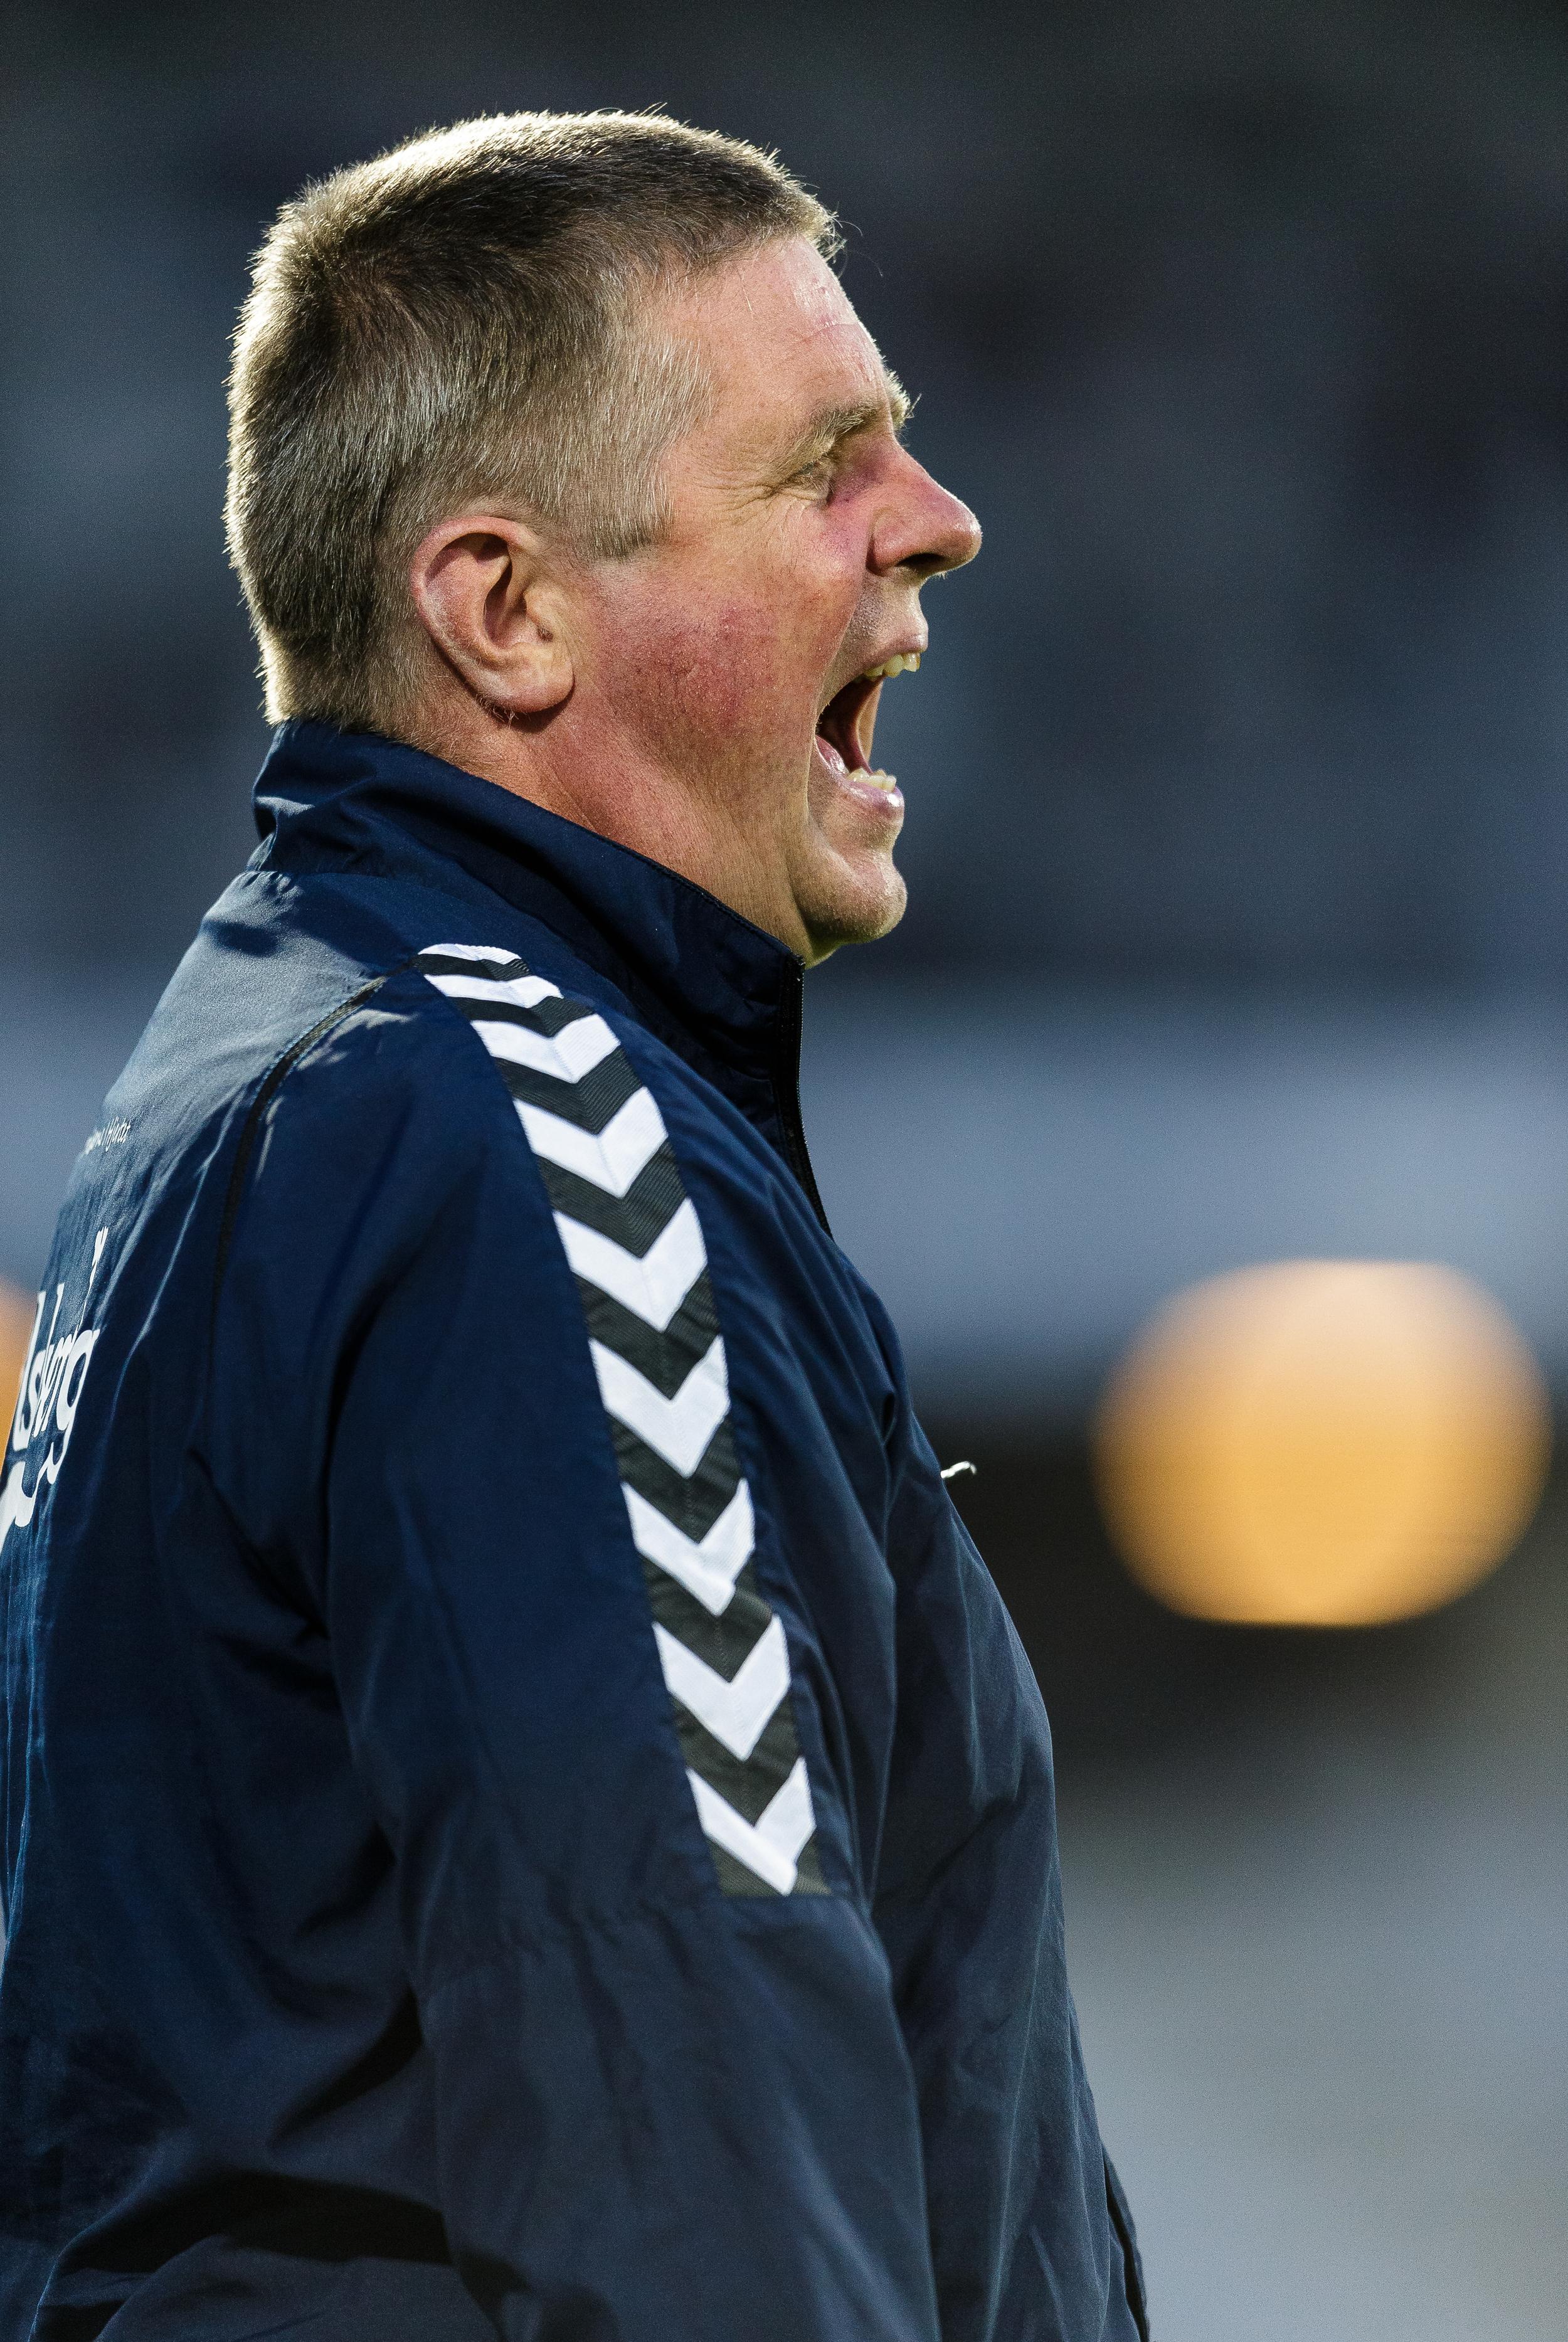 Superligaens med afstand mest råbende træner, Kent Nielsen, har gjort et godt stykke arbejde i OB, som konkurrenterne begynder at anerkende. Foto: Allan Høgholm/Getty Images